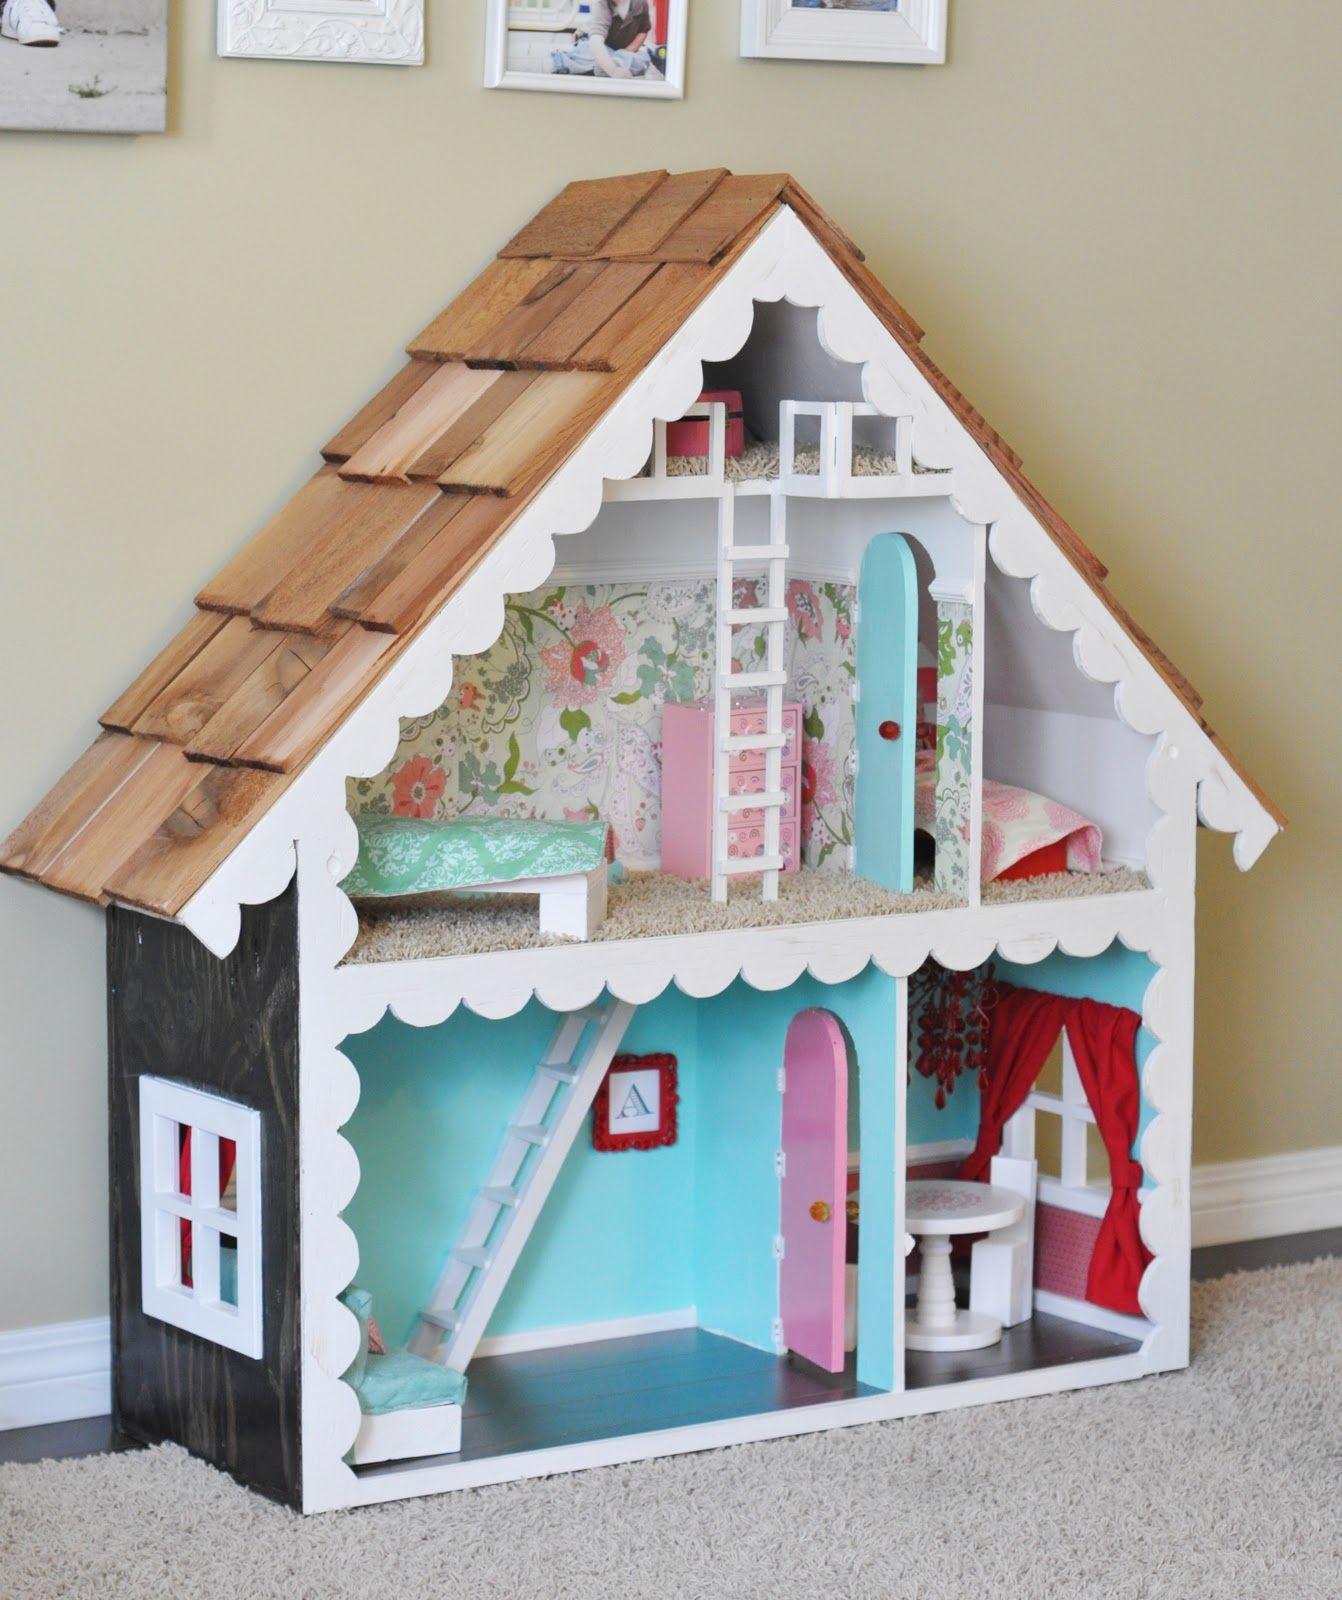 Que bonitas son las casitas de muñecas. Fuente: Blog.landofnod Sew ...